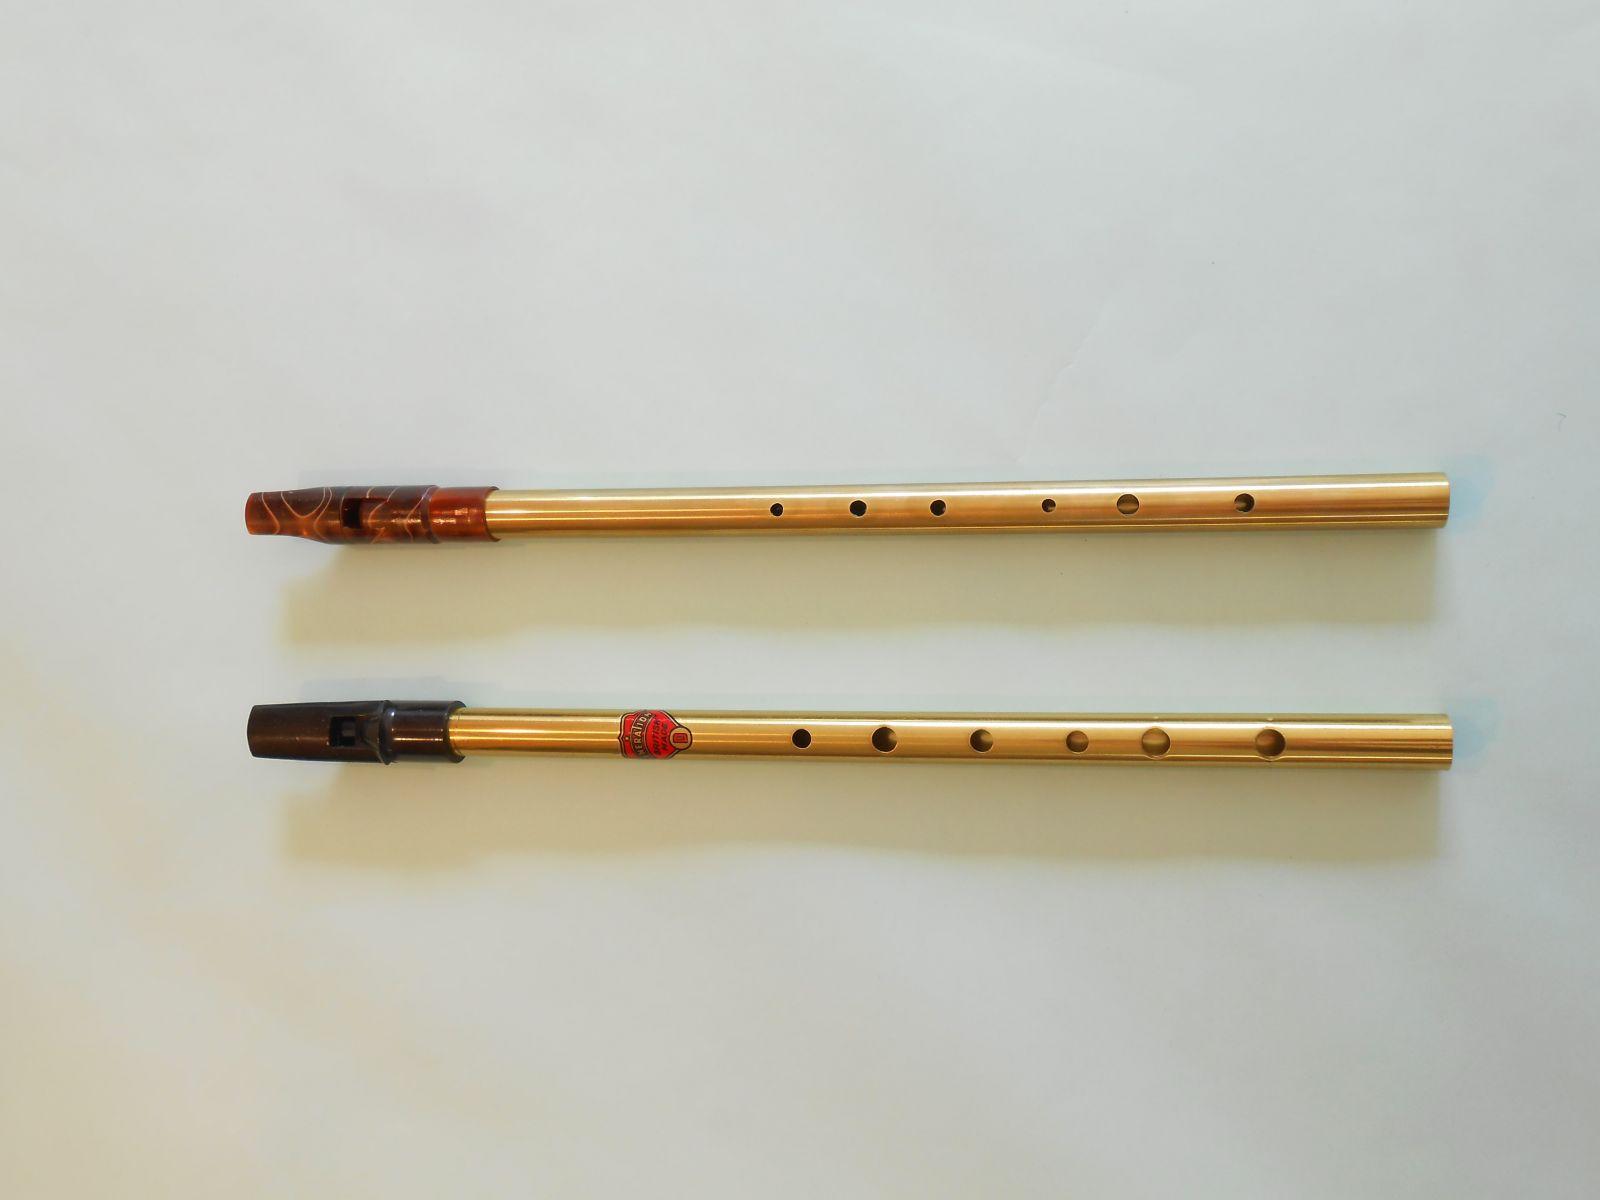 ティンホイッスルのHead交換: JKOBO 静かな音色の笛づくり